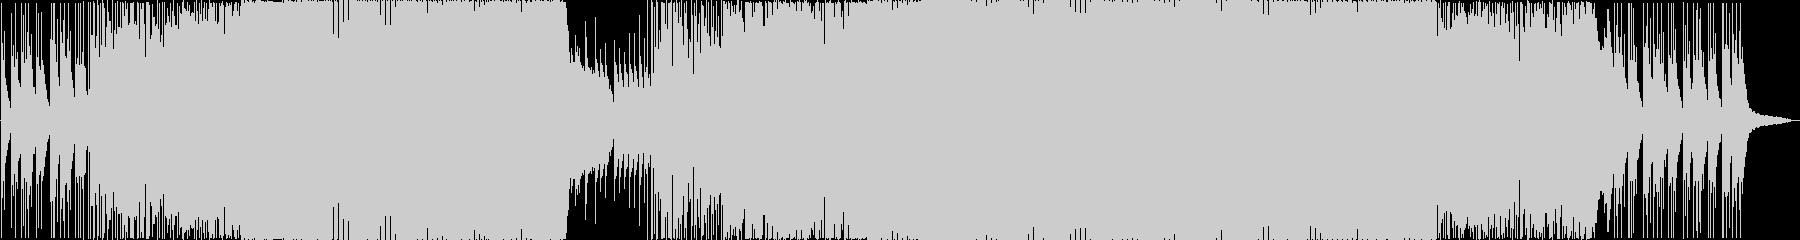 幻想的で輝かしいEDMの未再生の波形